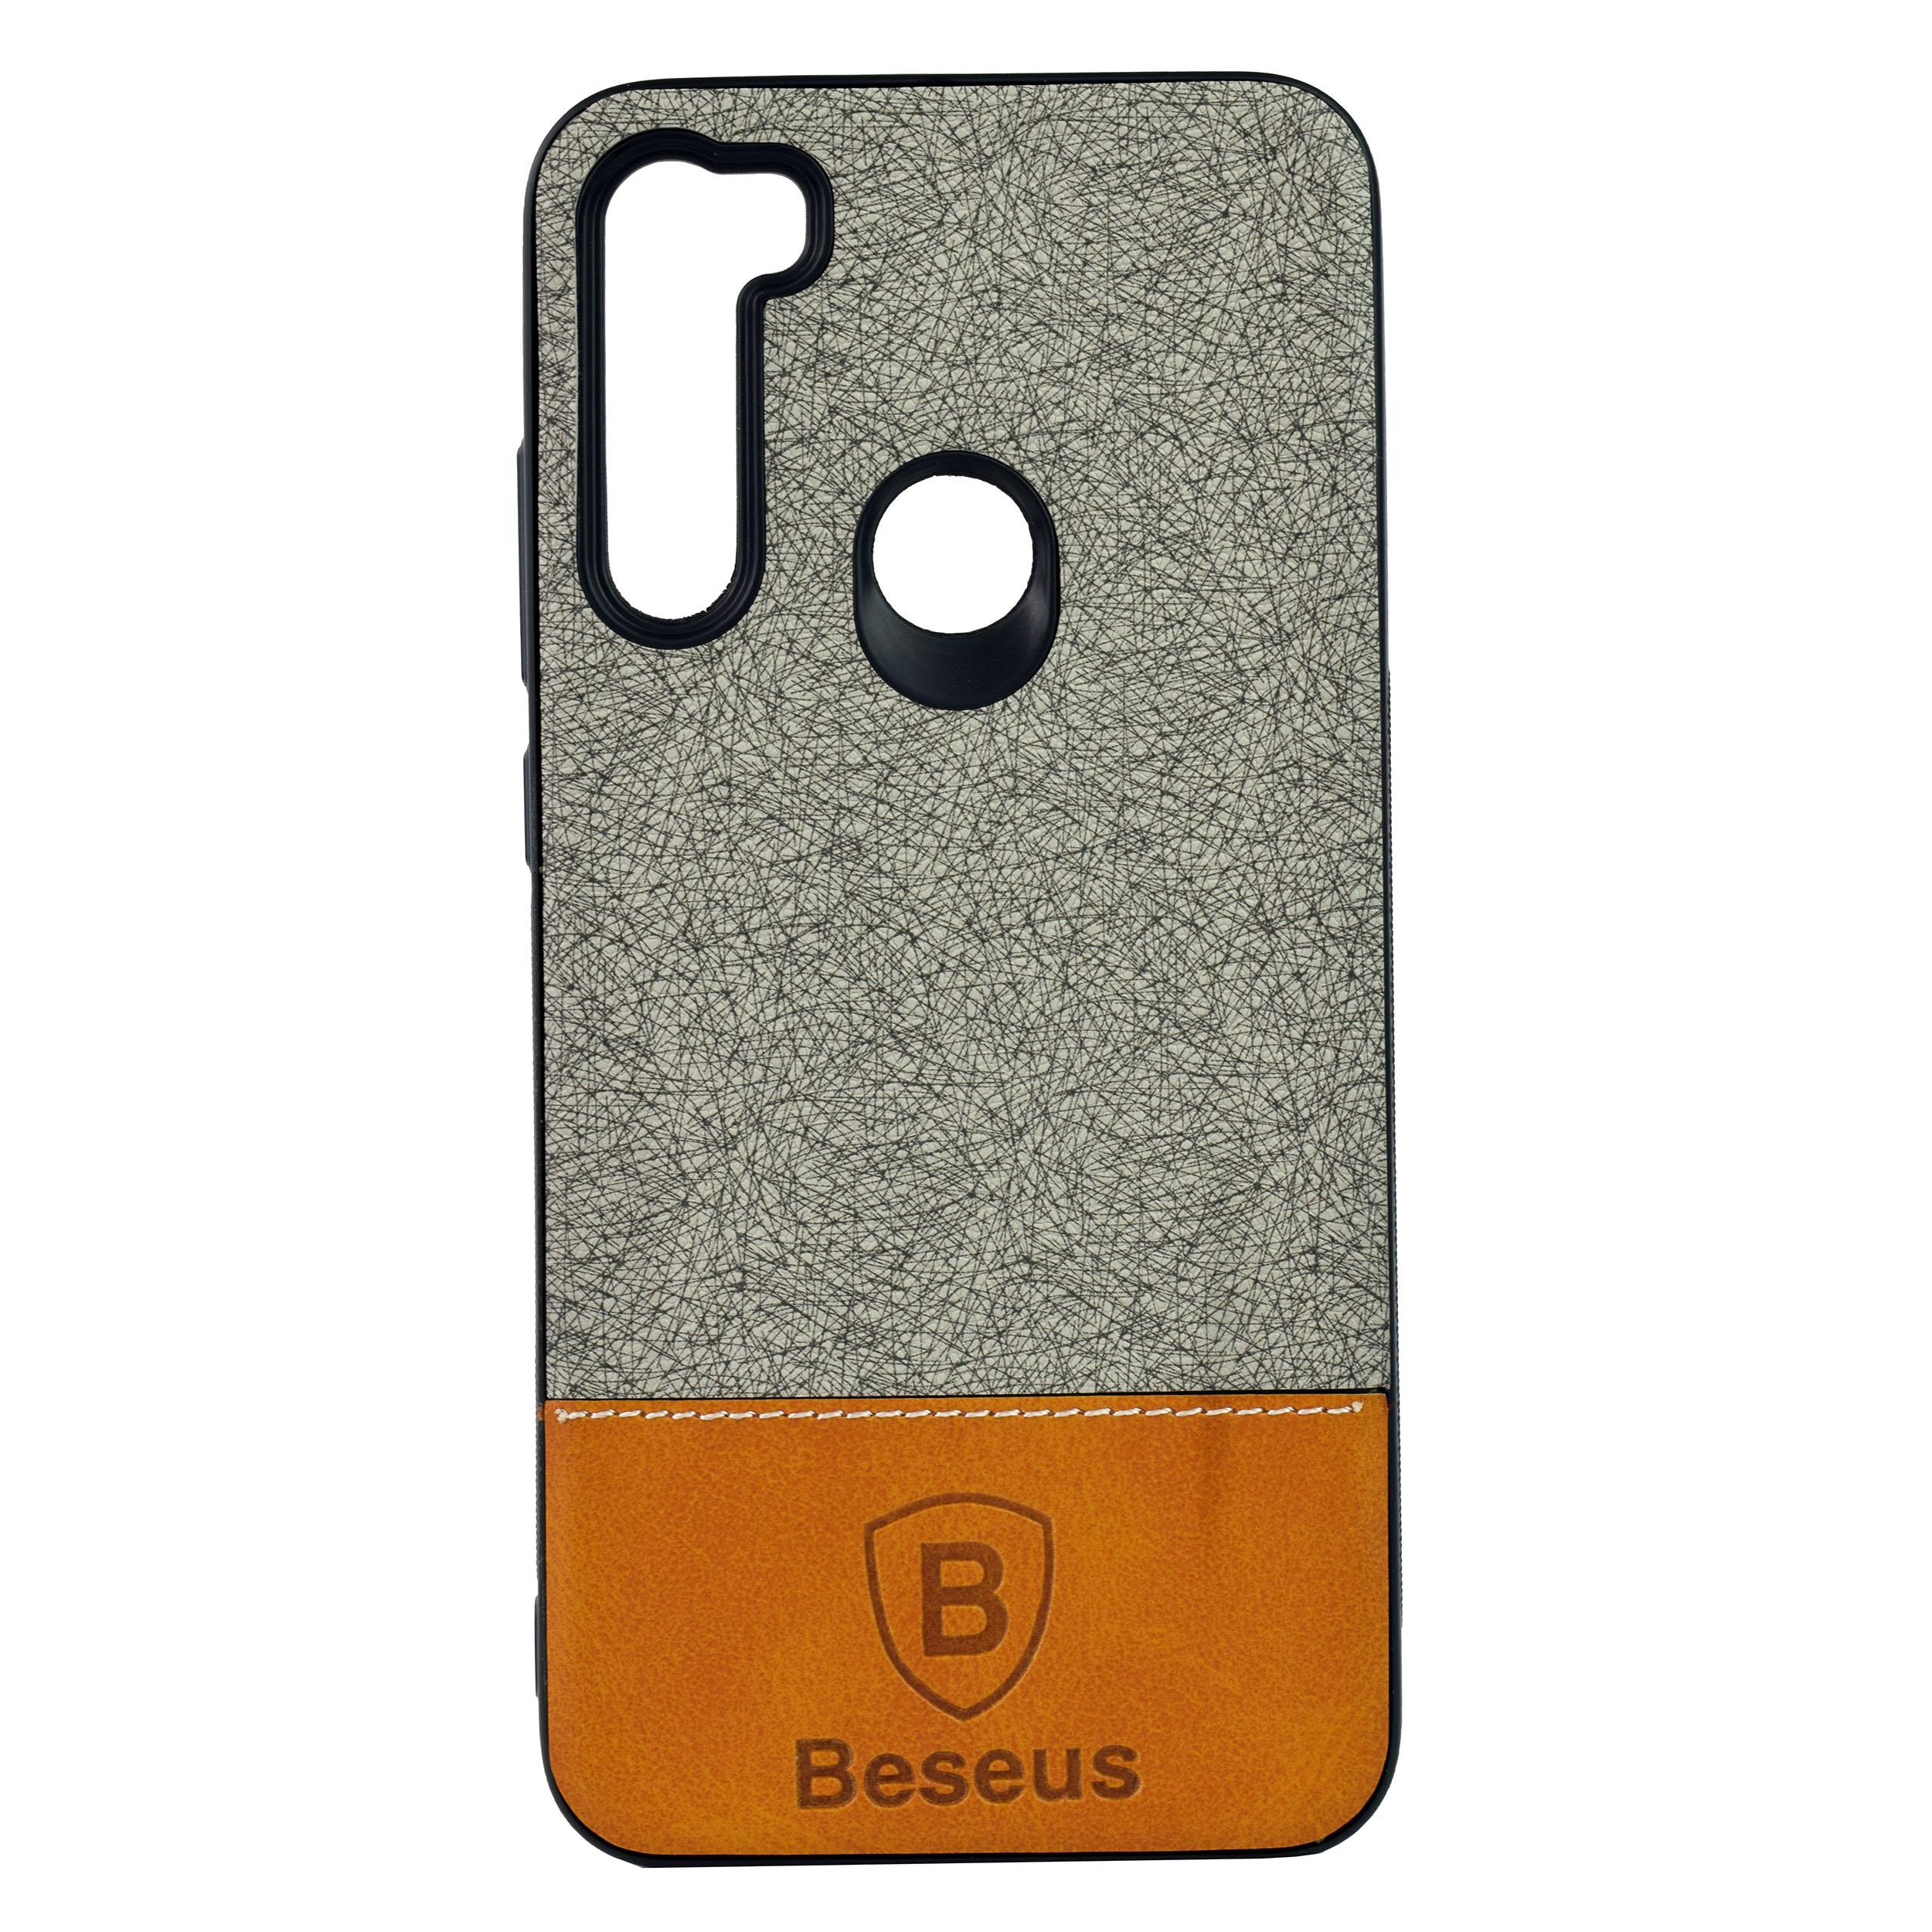 کاور باسئوس مدل BS30 مناسب برای گوشی موبایل شیائومی Redmi Note 8